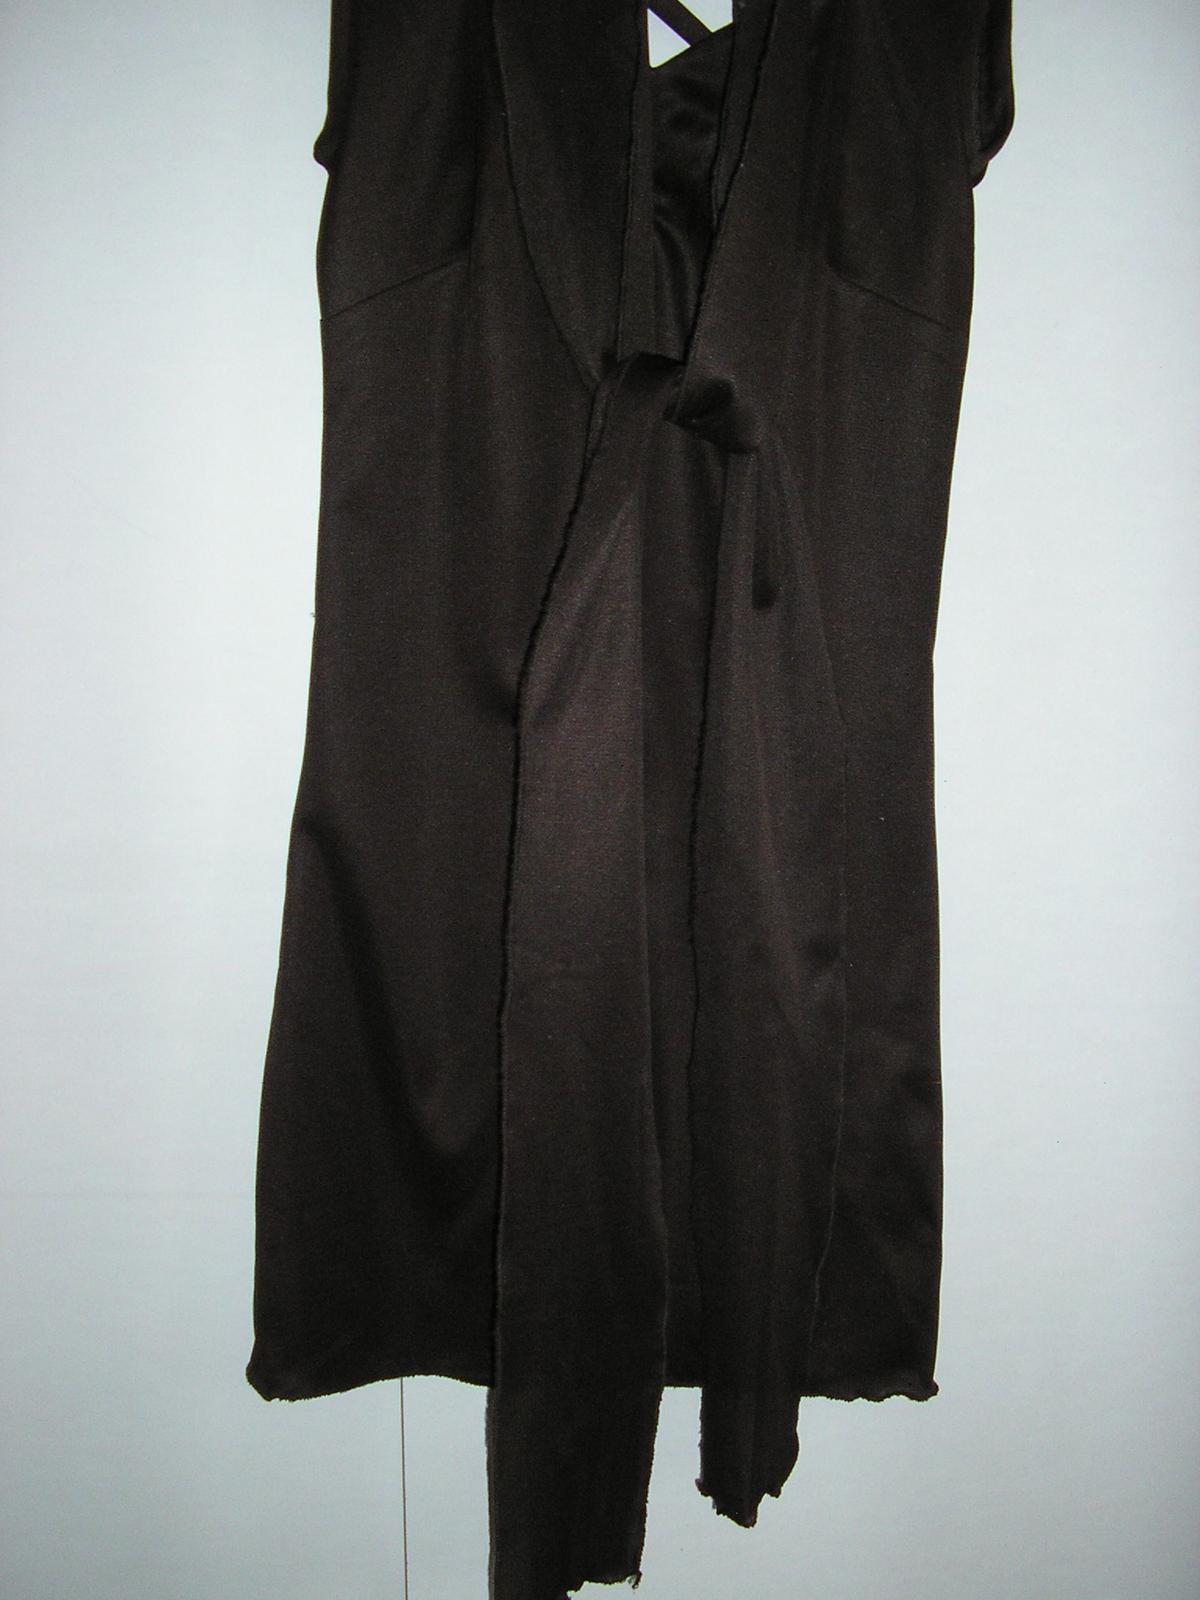 565. Tm. hnedé šaty 3 dielne - Obrázok č. 1